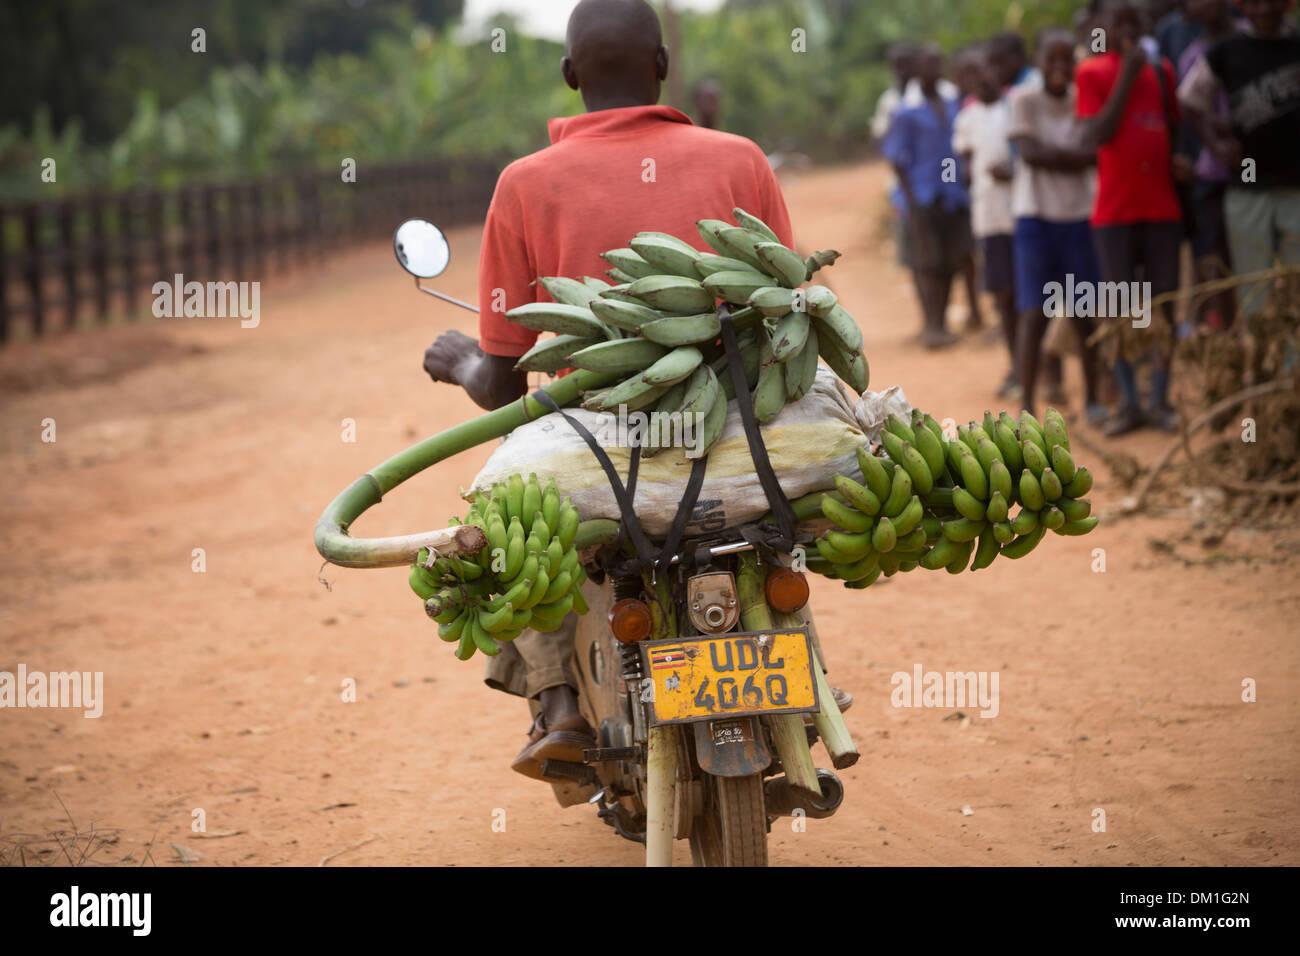 Bananes sur l'arrière d'une moto près de Kampala, Ouganda. Photo Stock